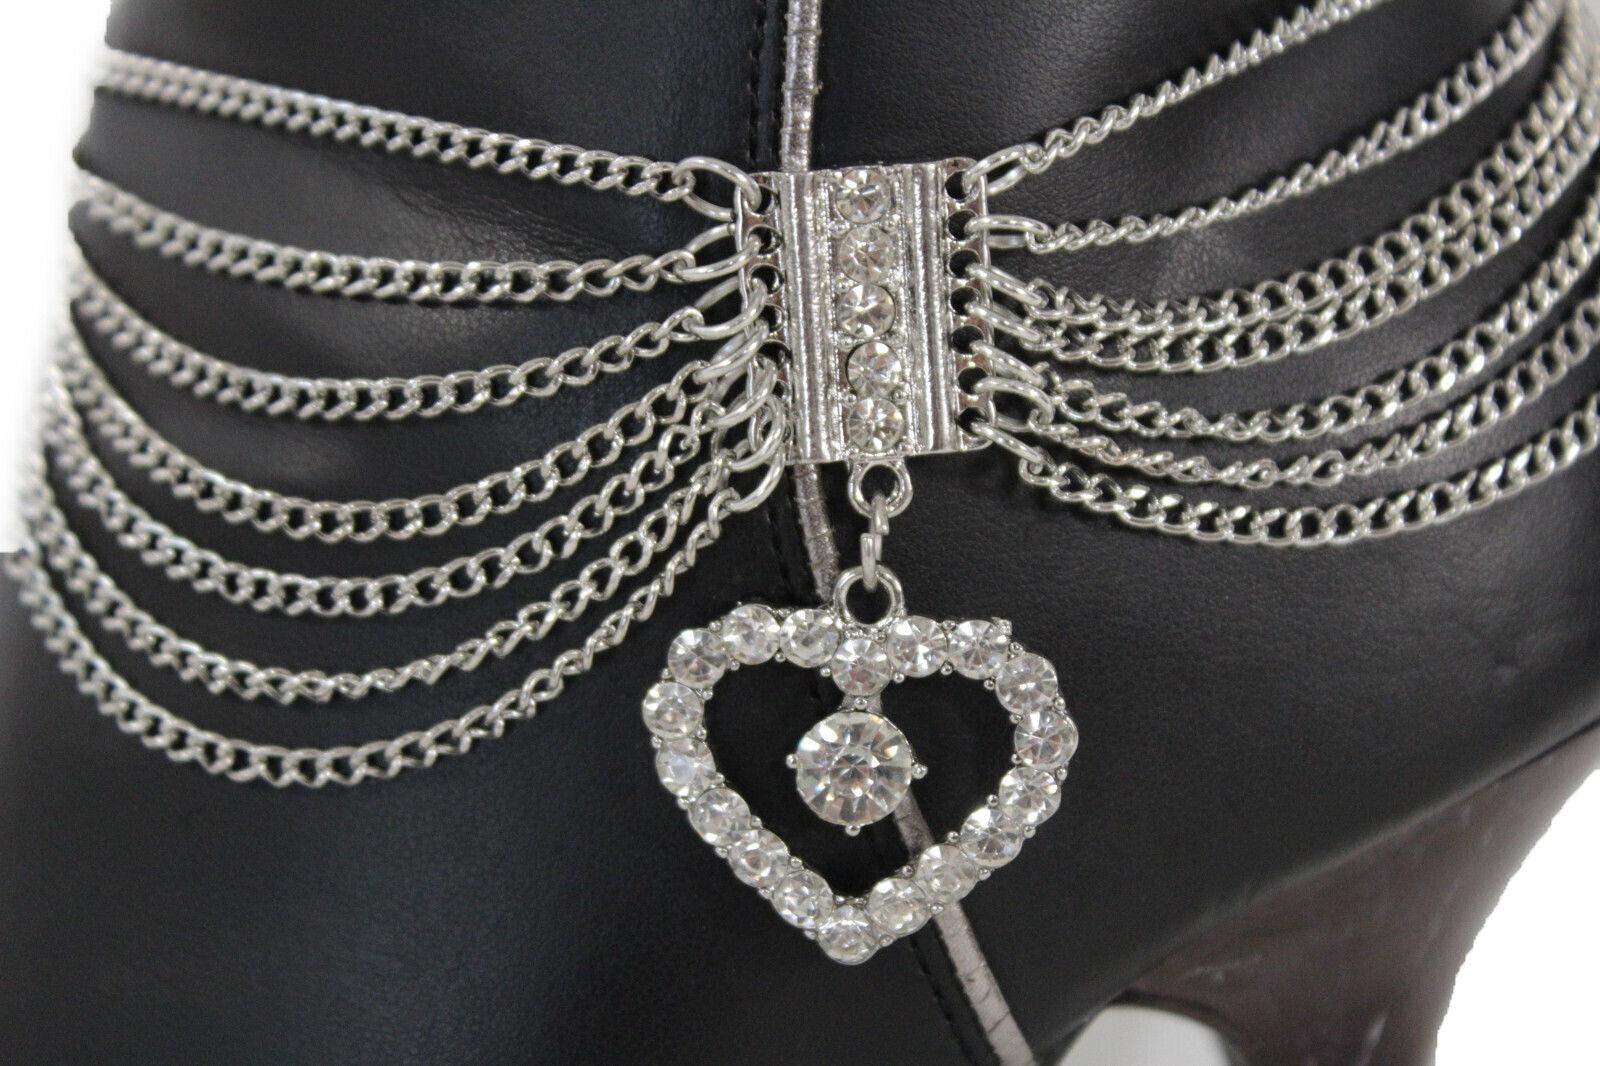 Women Cute Silver Chain Boot Love Bracelet Strap Shoe Heart Charm Great Present